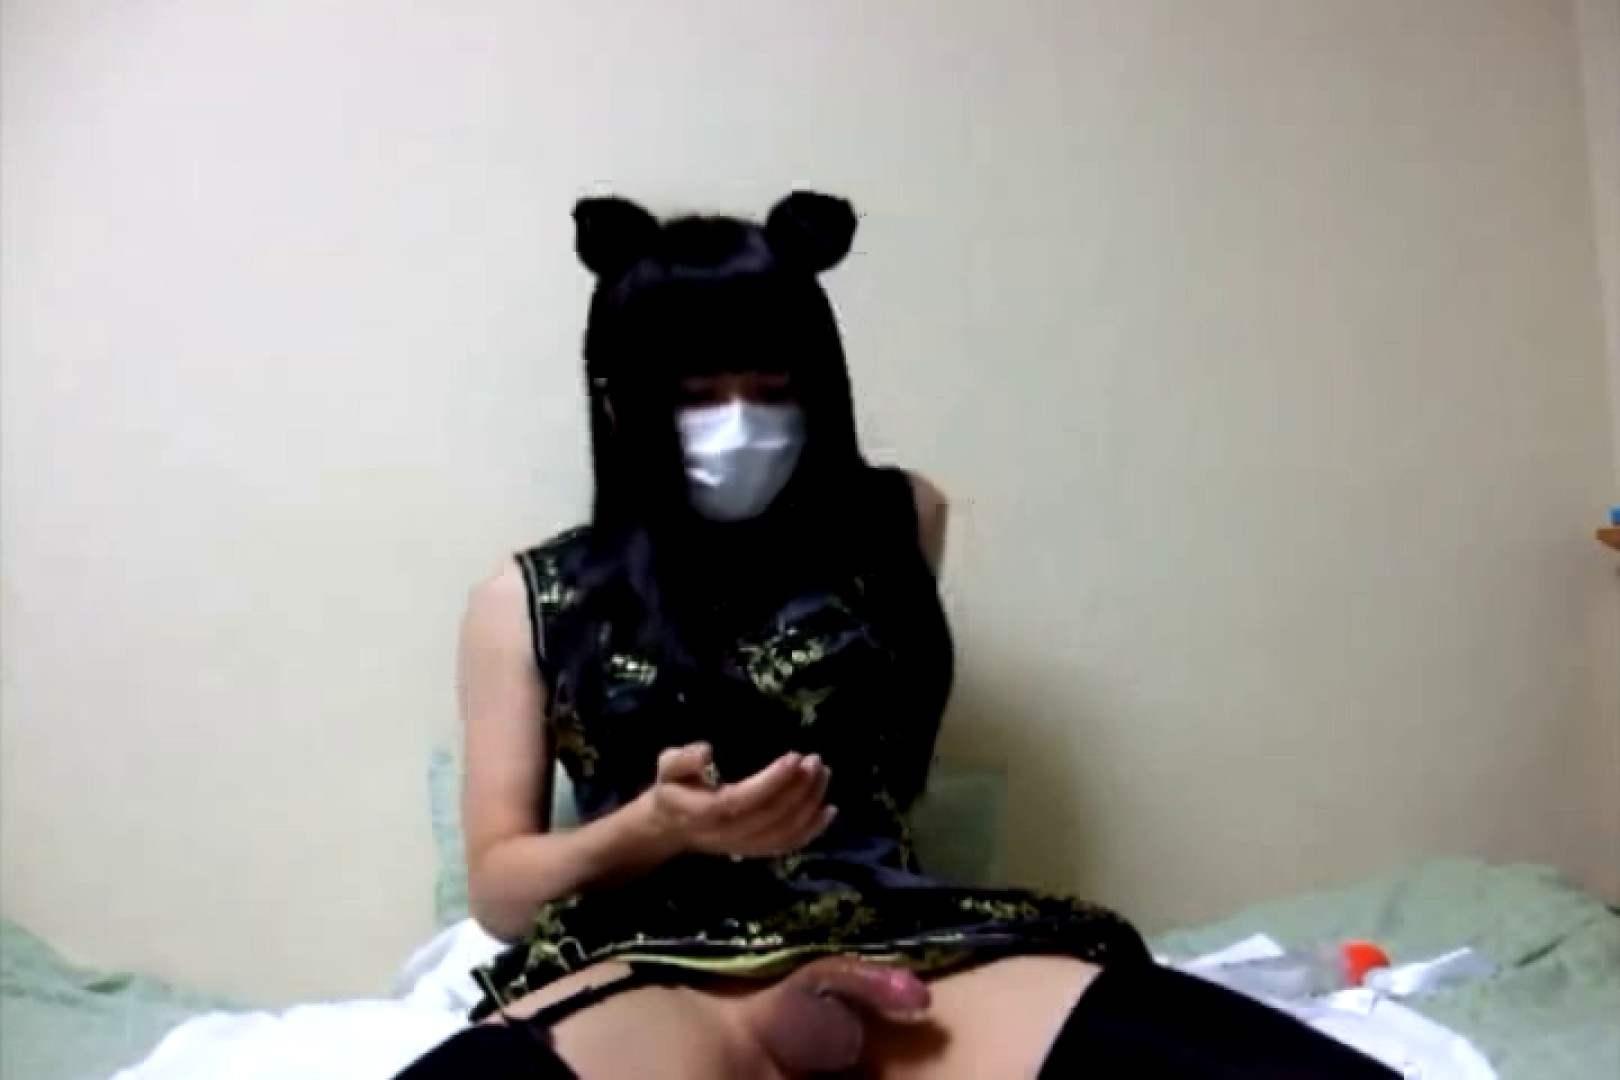 男のKOスプレー!Vol.05 お手で! AV動画 89pic 12